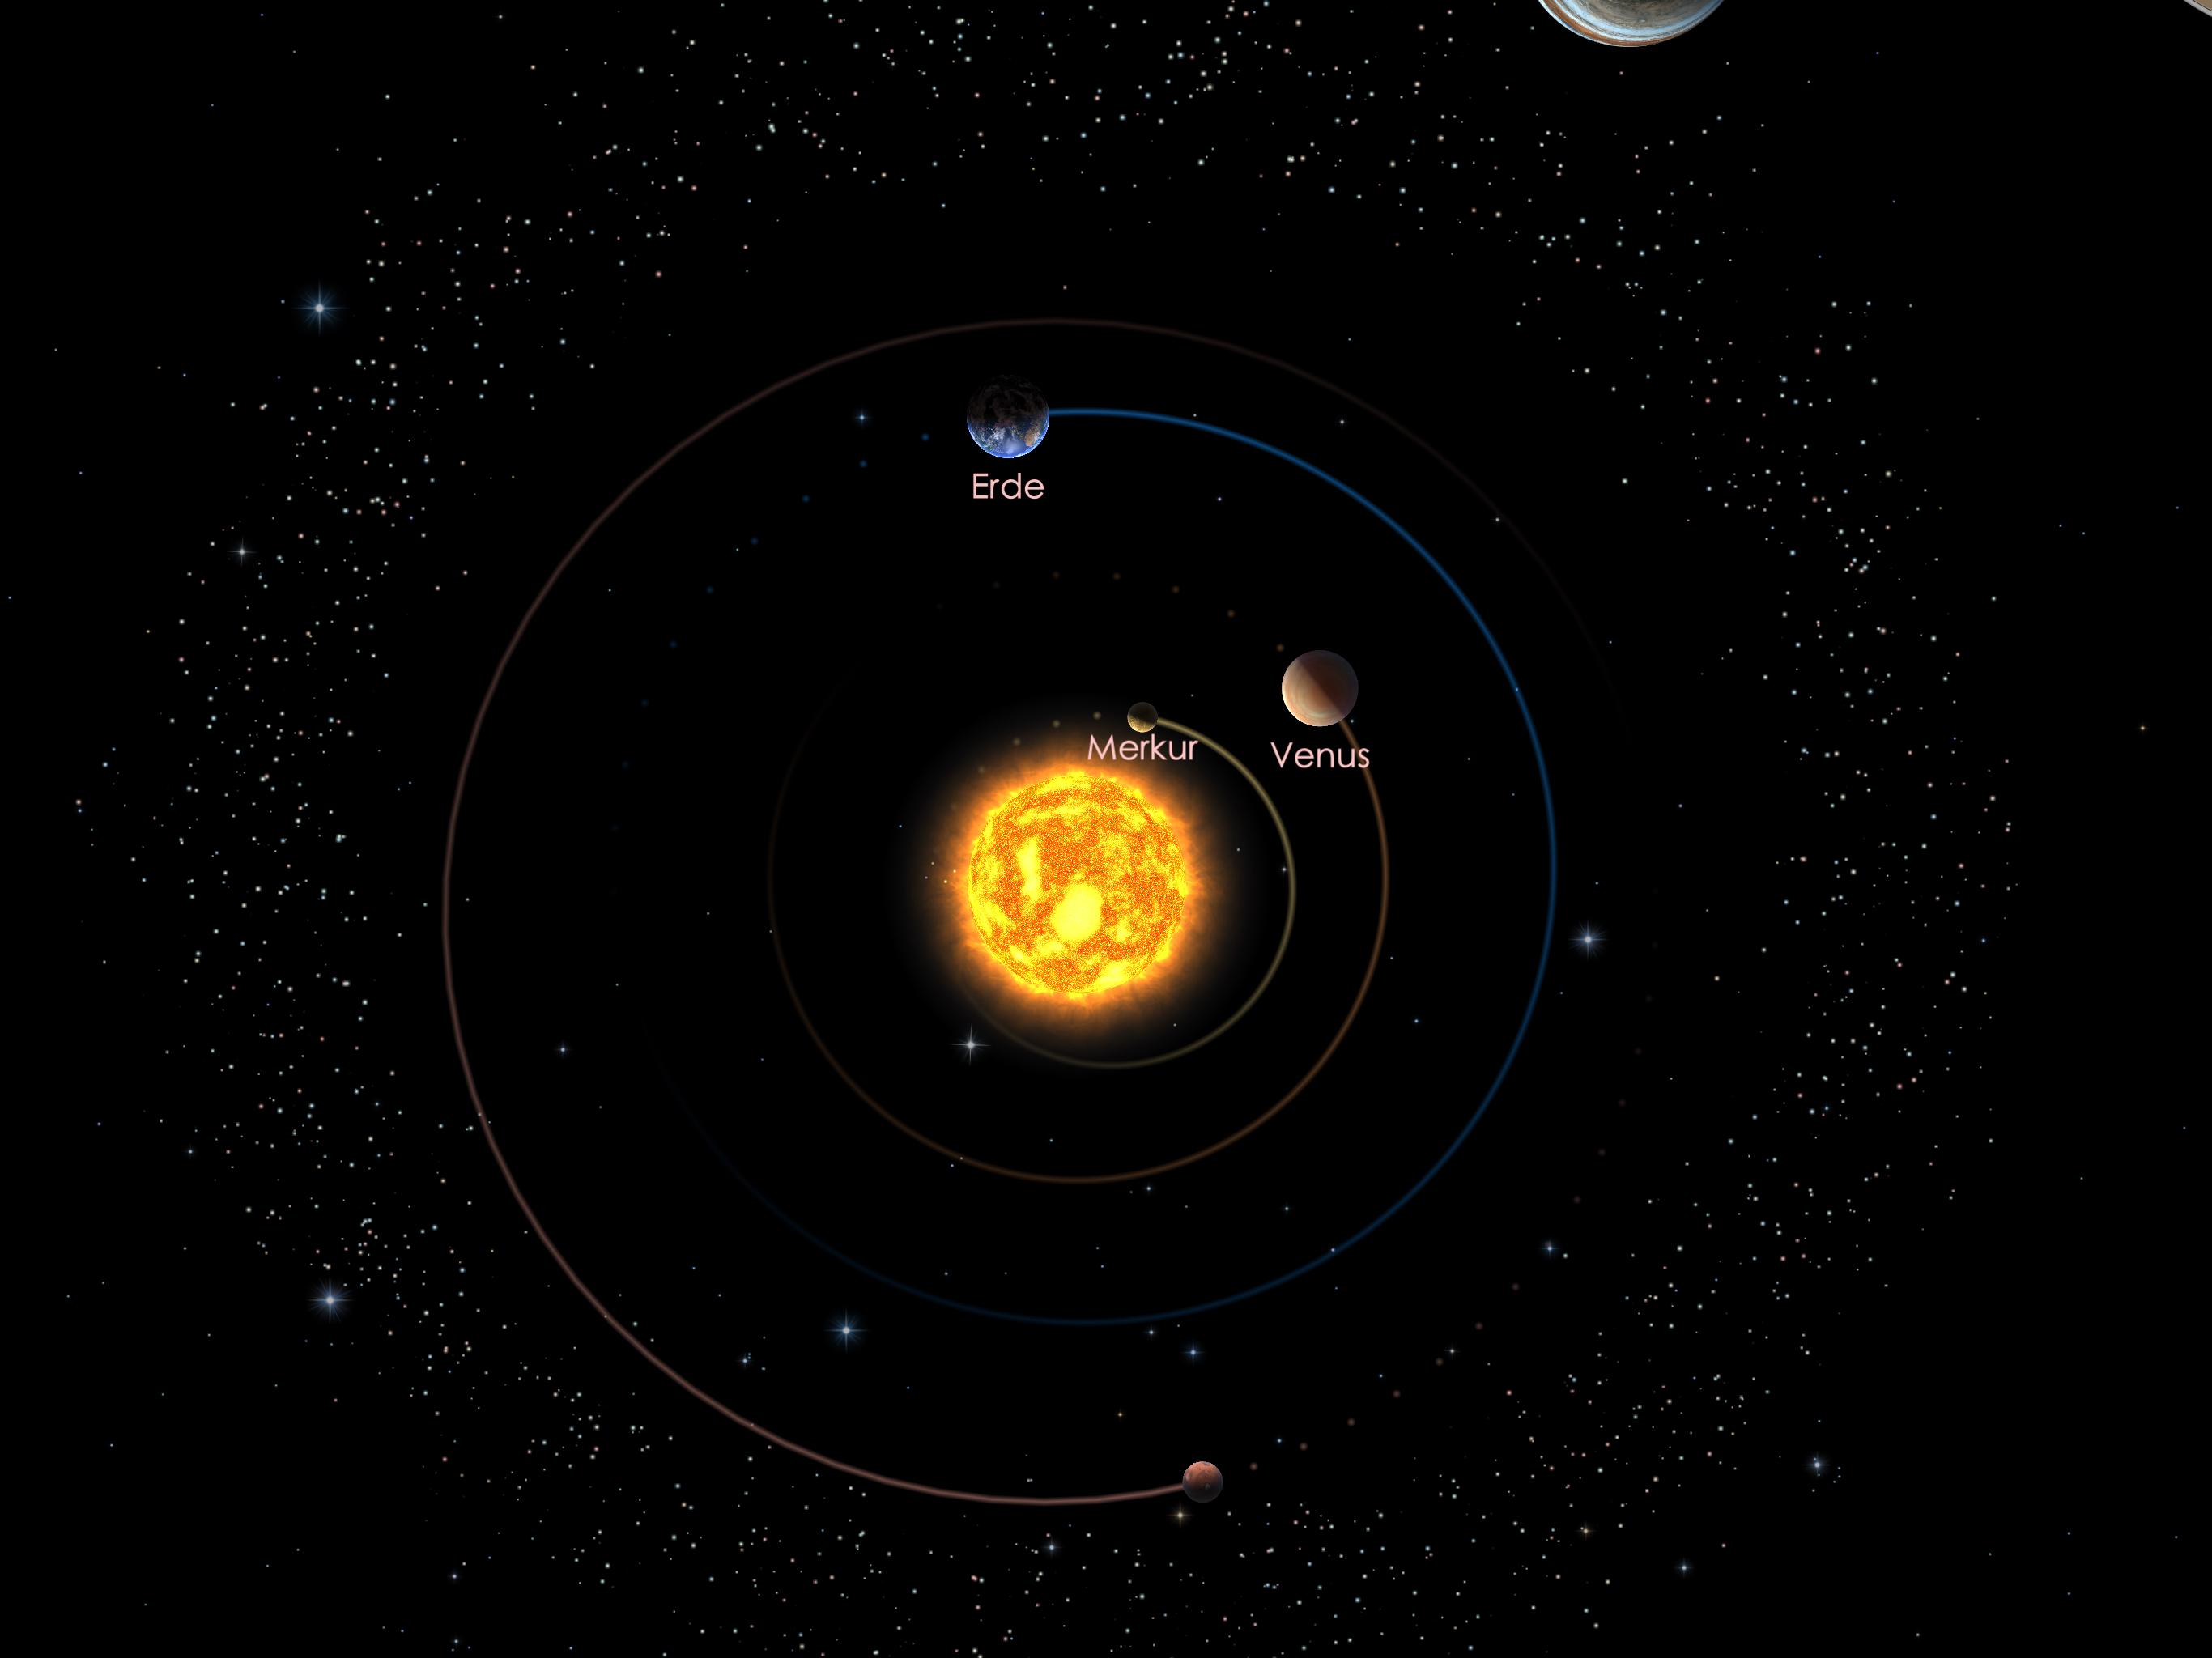 Die inneren Planeten am 01.10.21